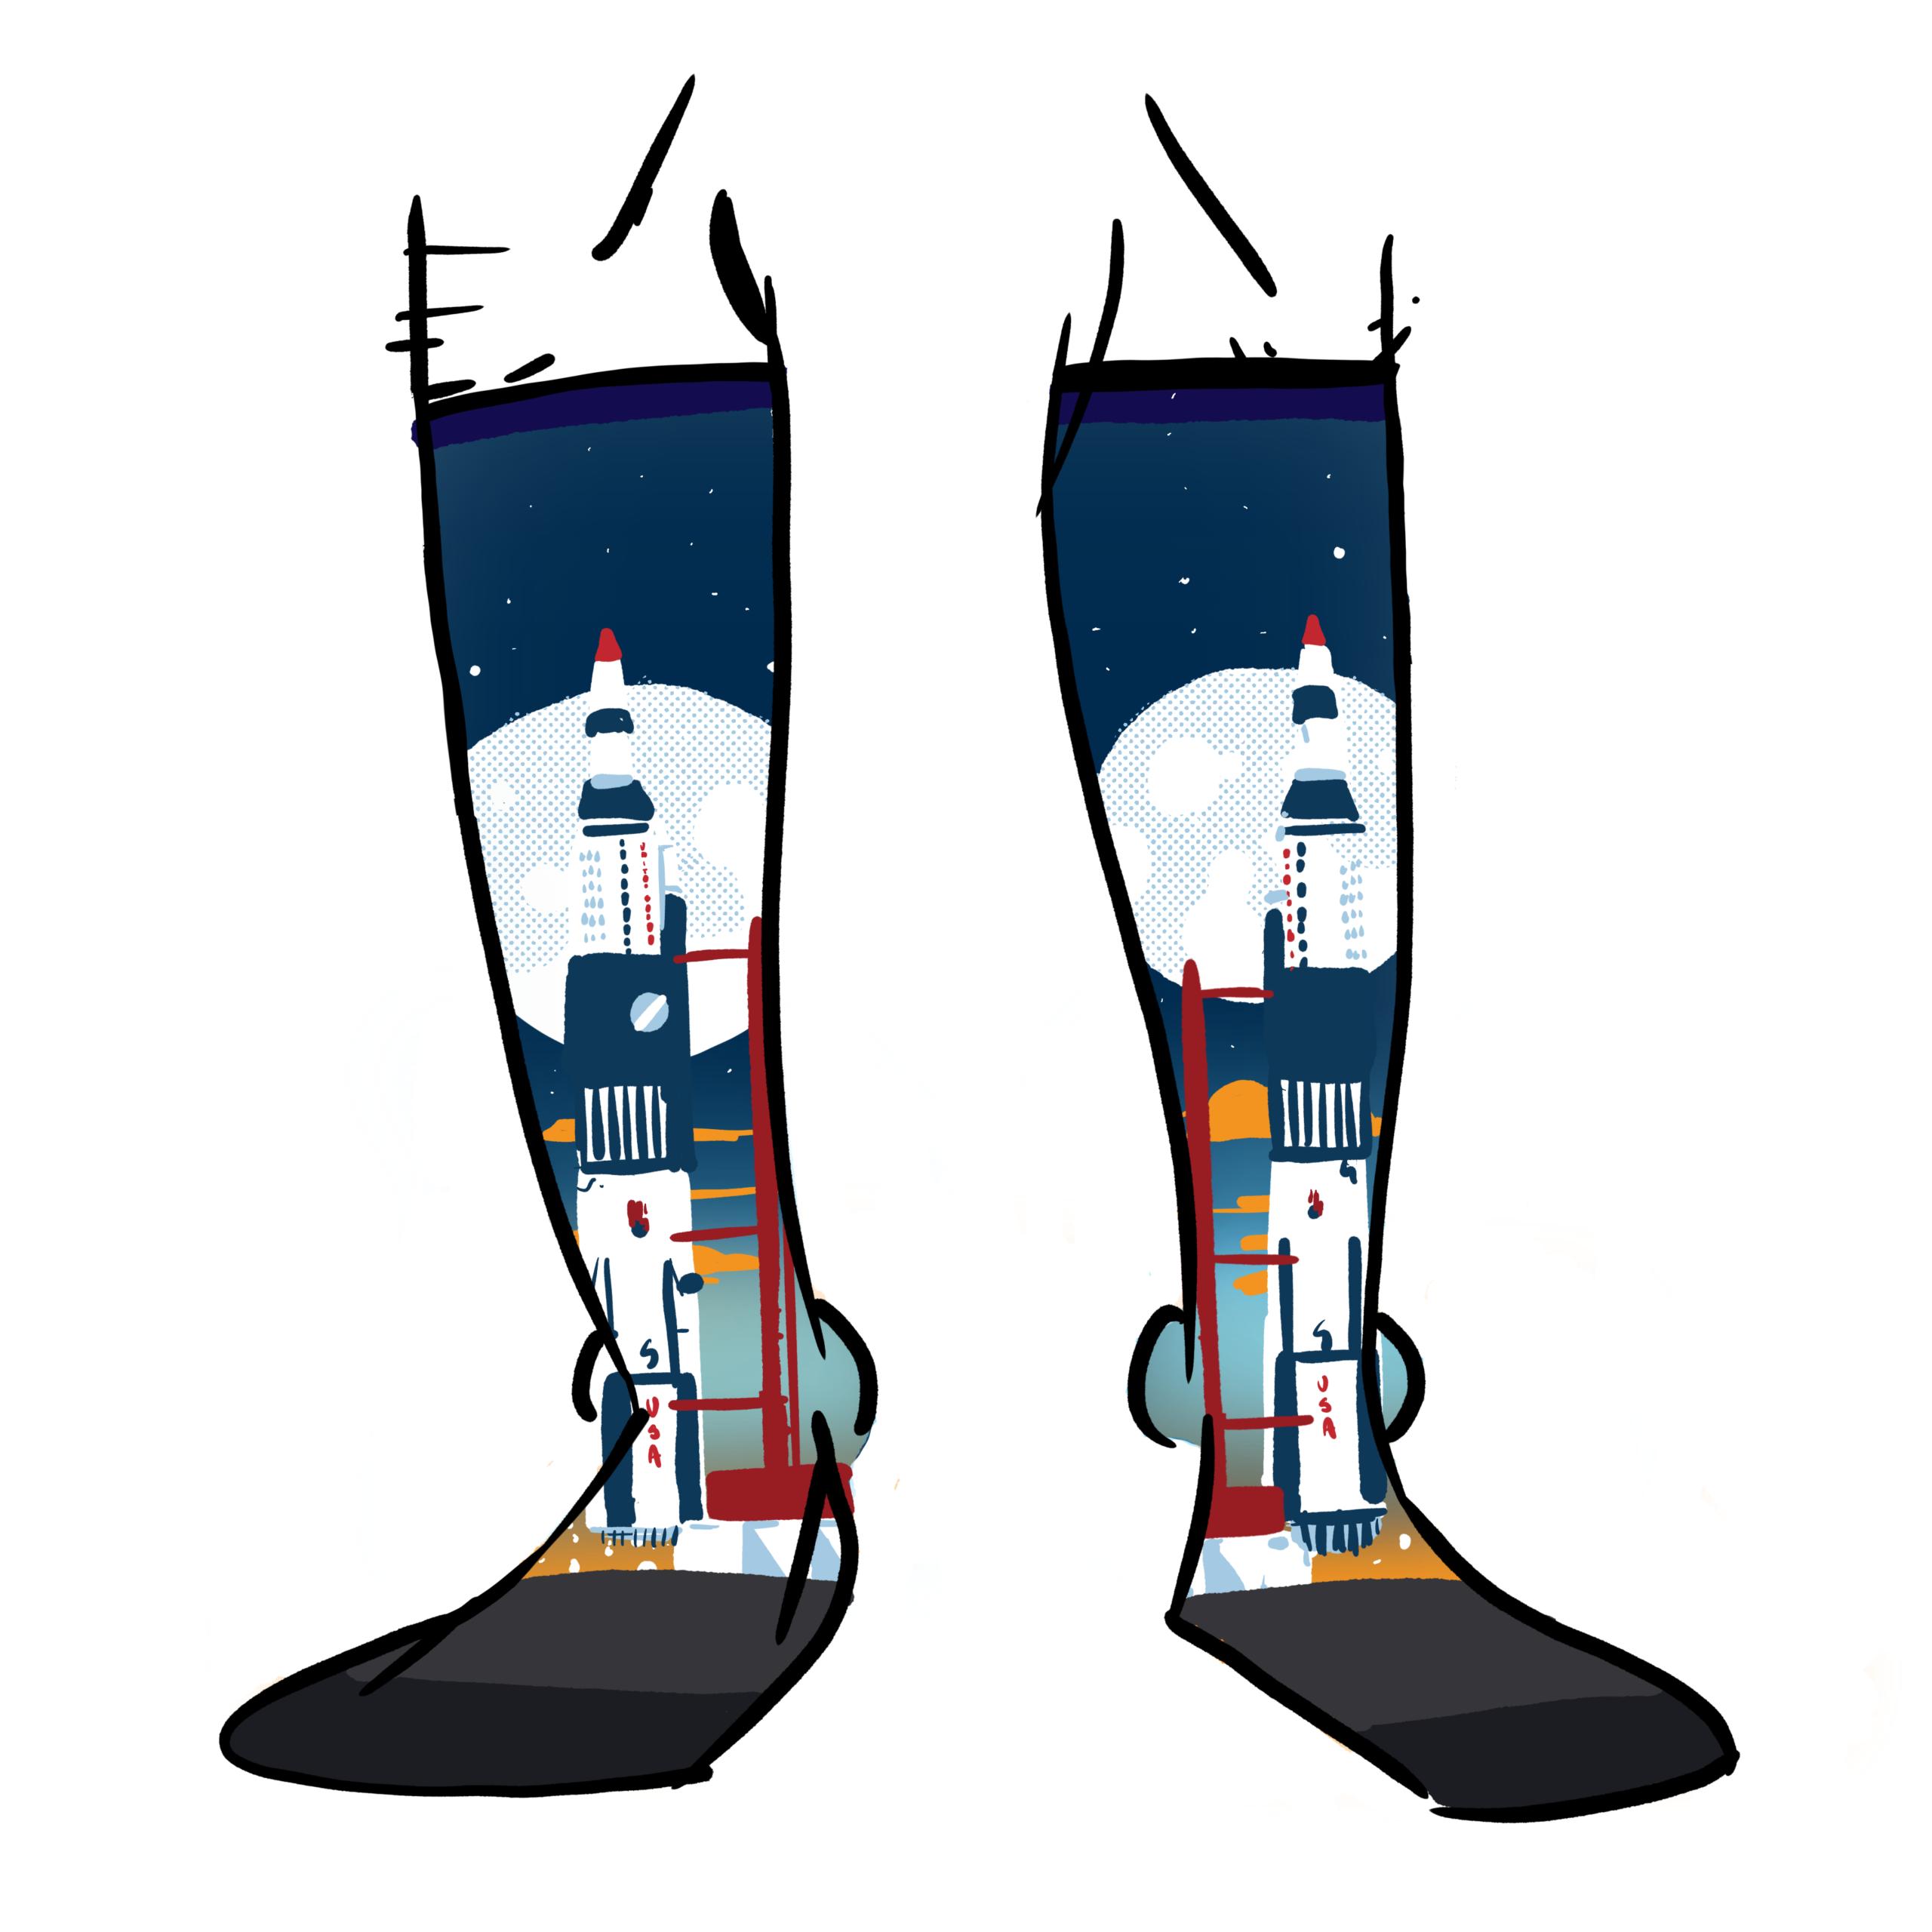 The Saturn 5 rocket printed on socks